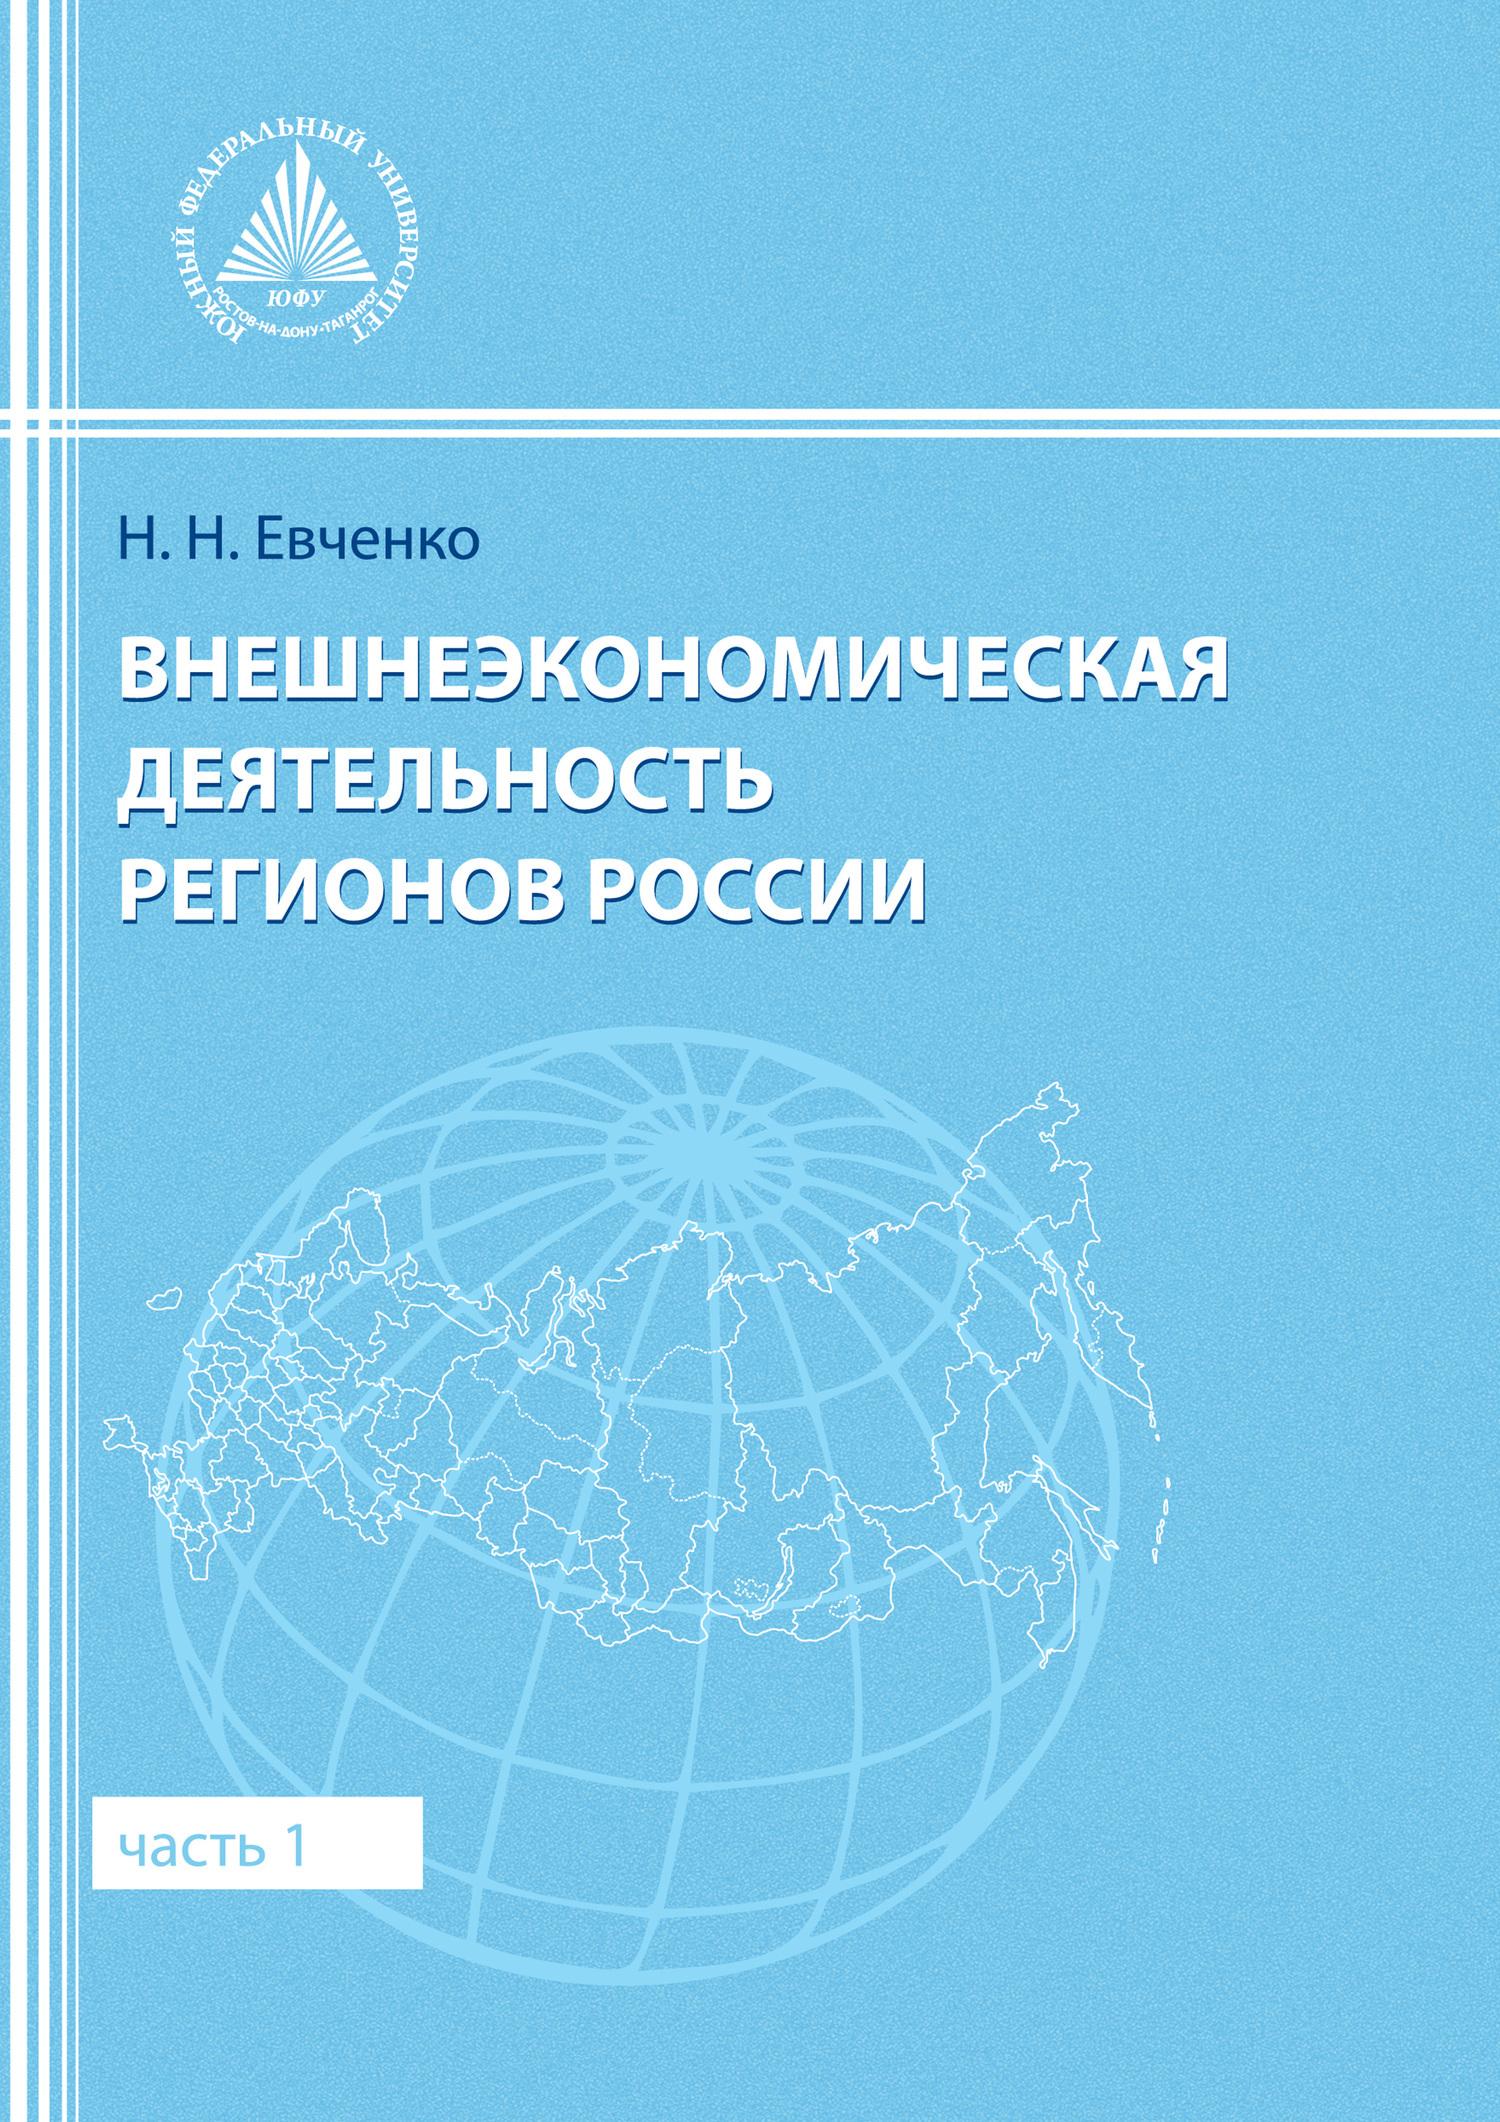 фото обложки издания Внешнеэкономическая деятельность регионов России. Часть 1